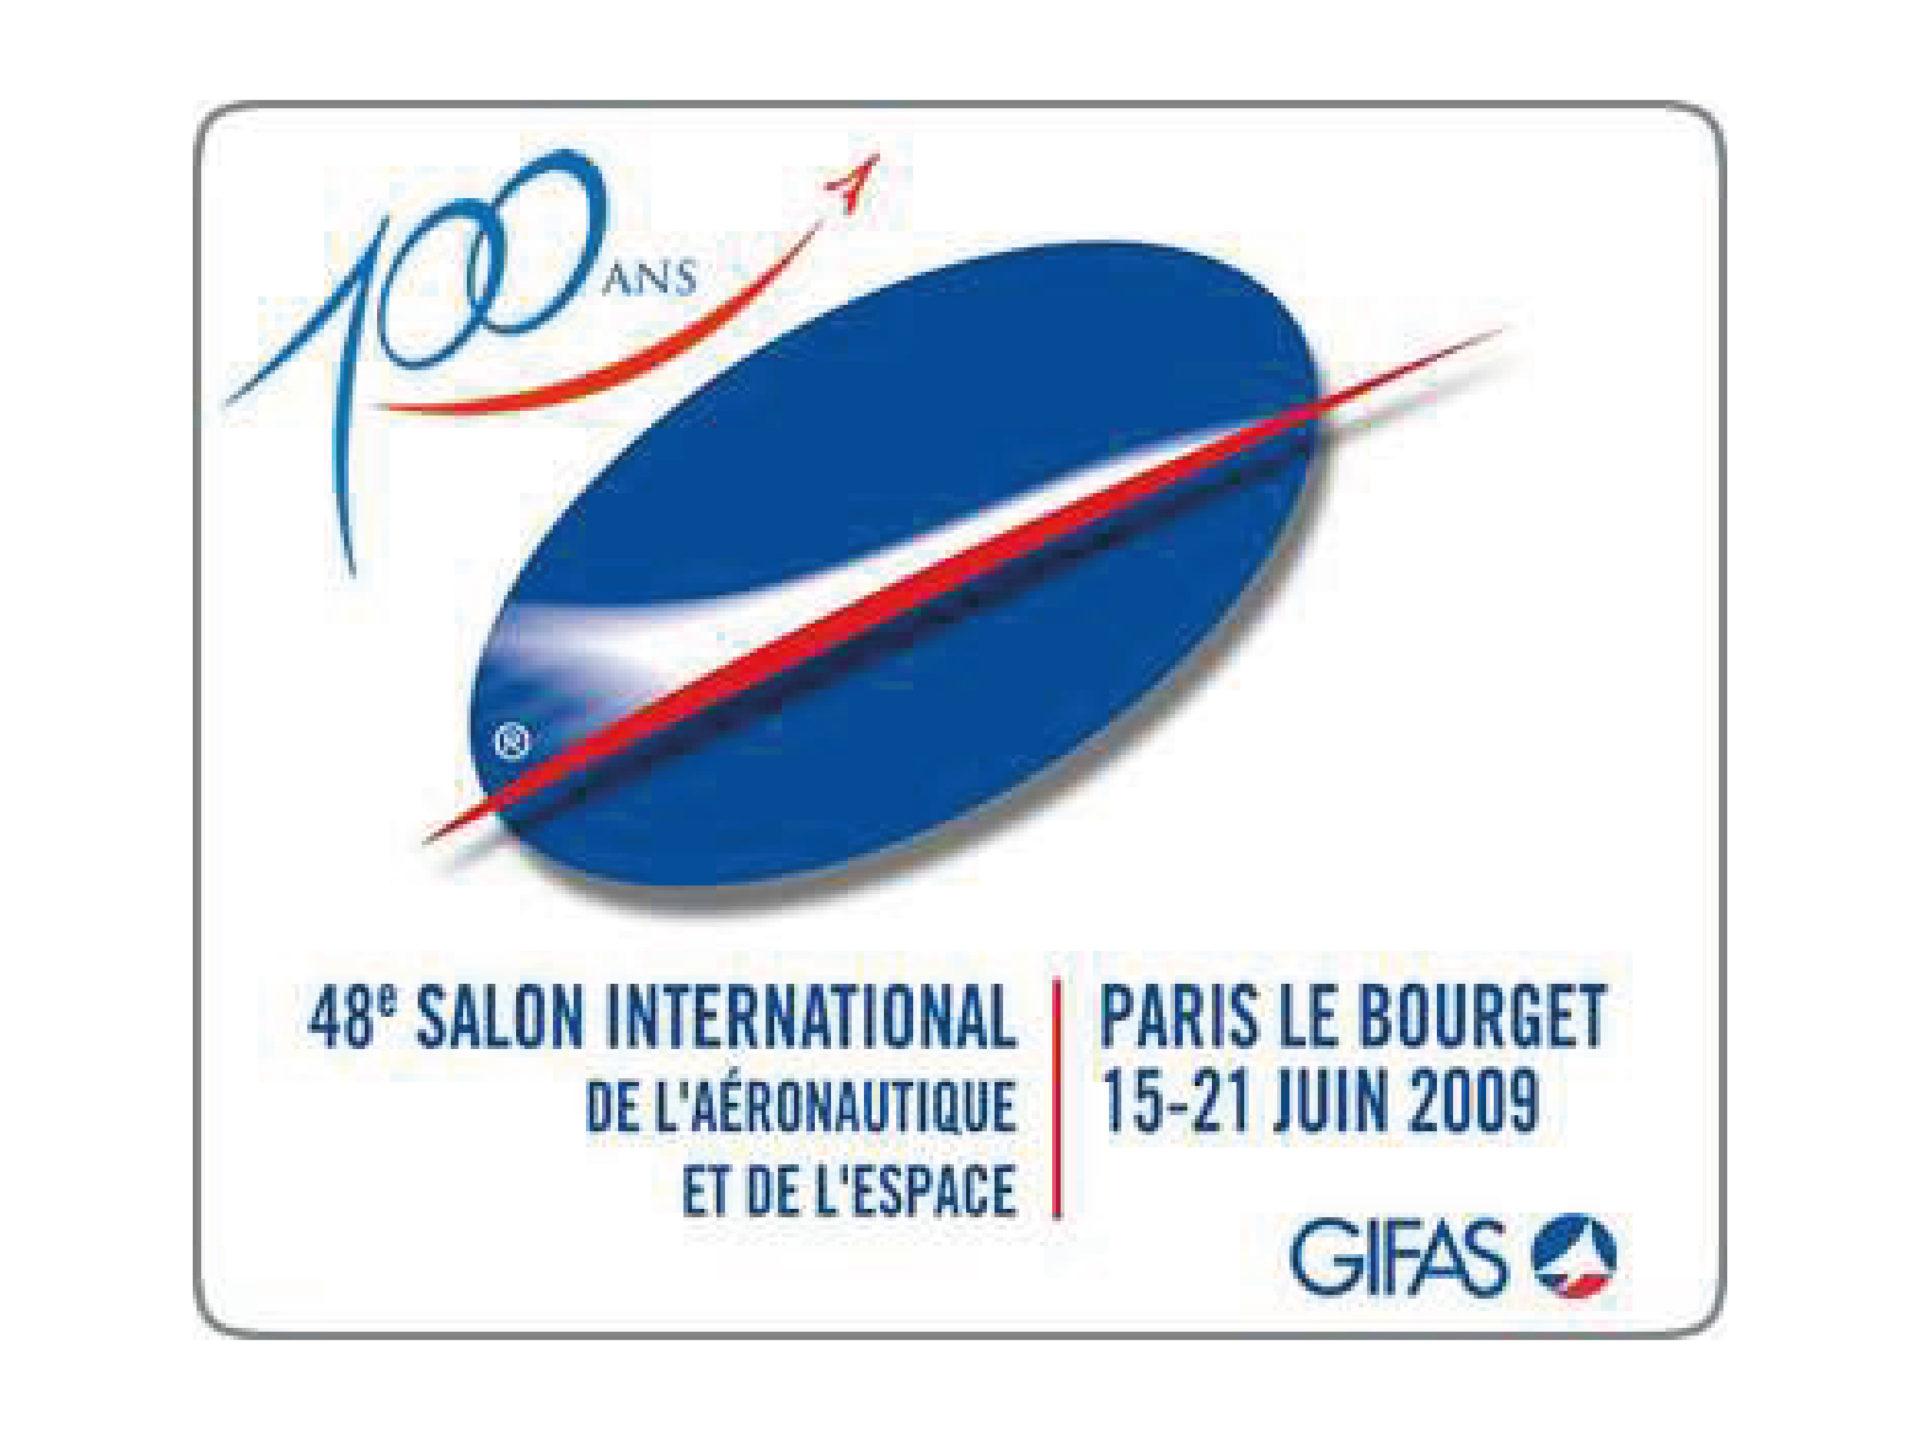 Logo SALON DU BOURGET 2009 100 ans